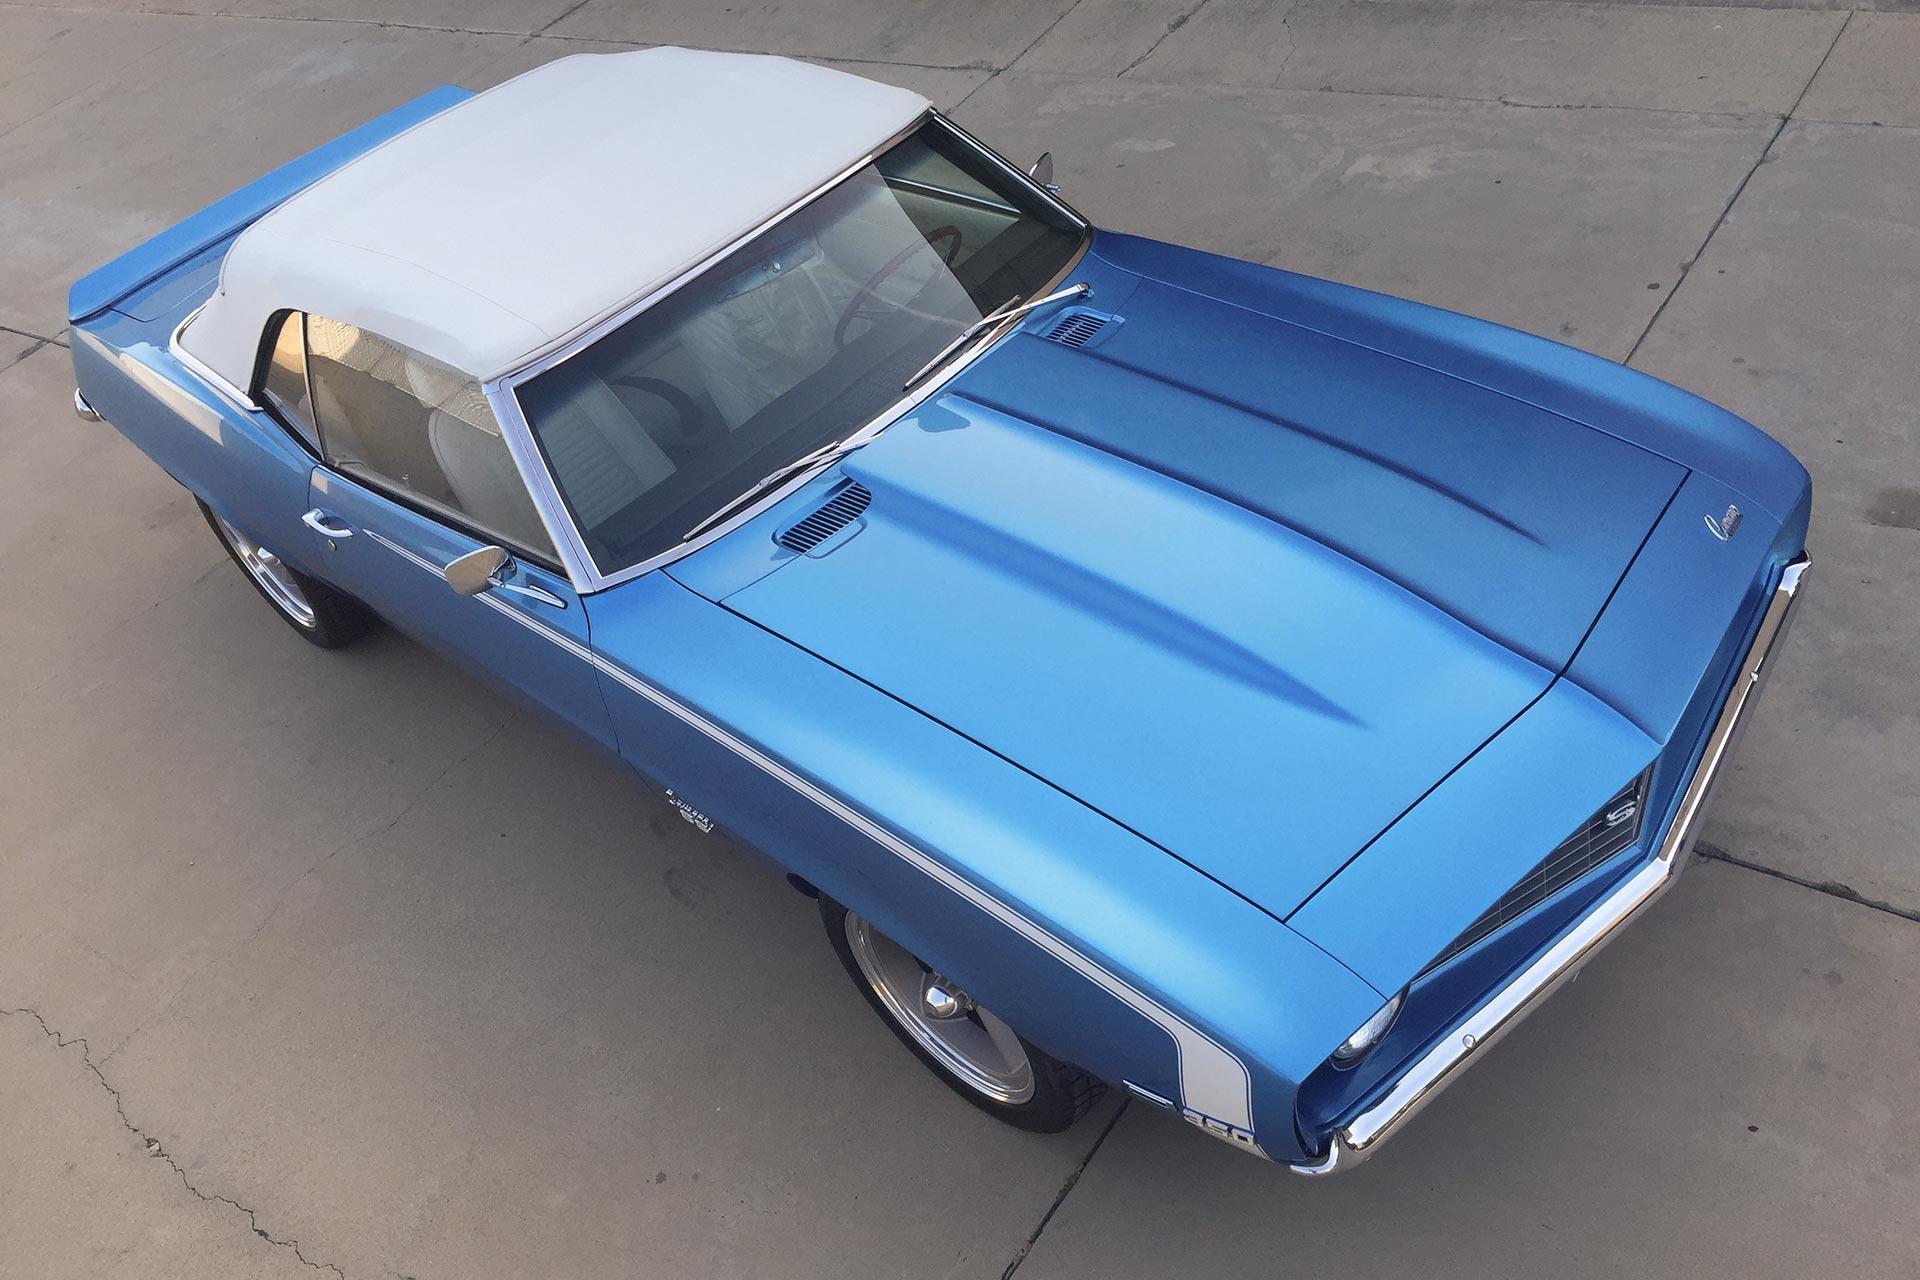 Blue Challenger drop top